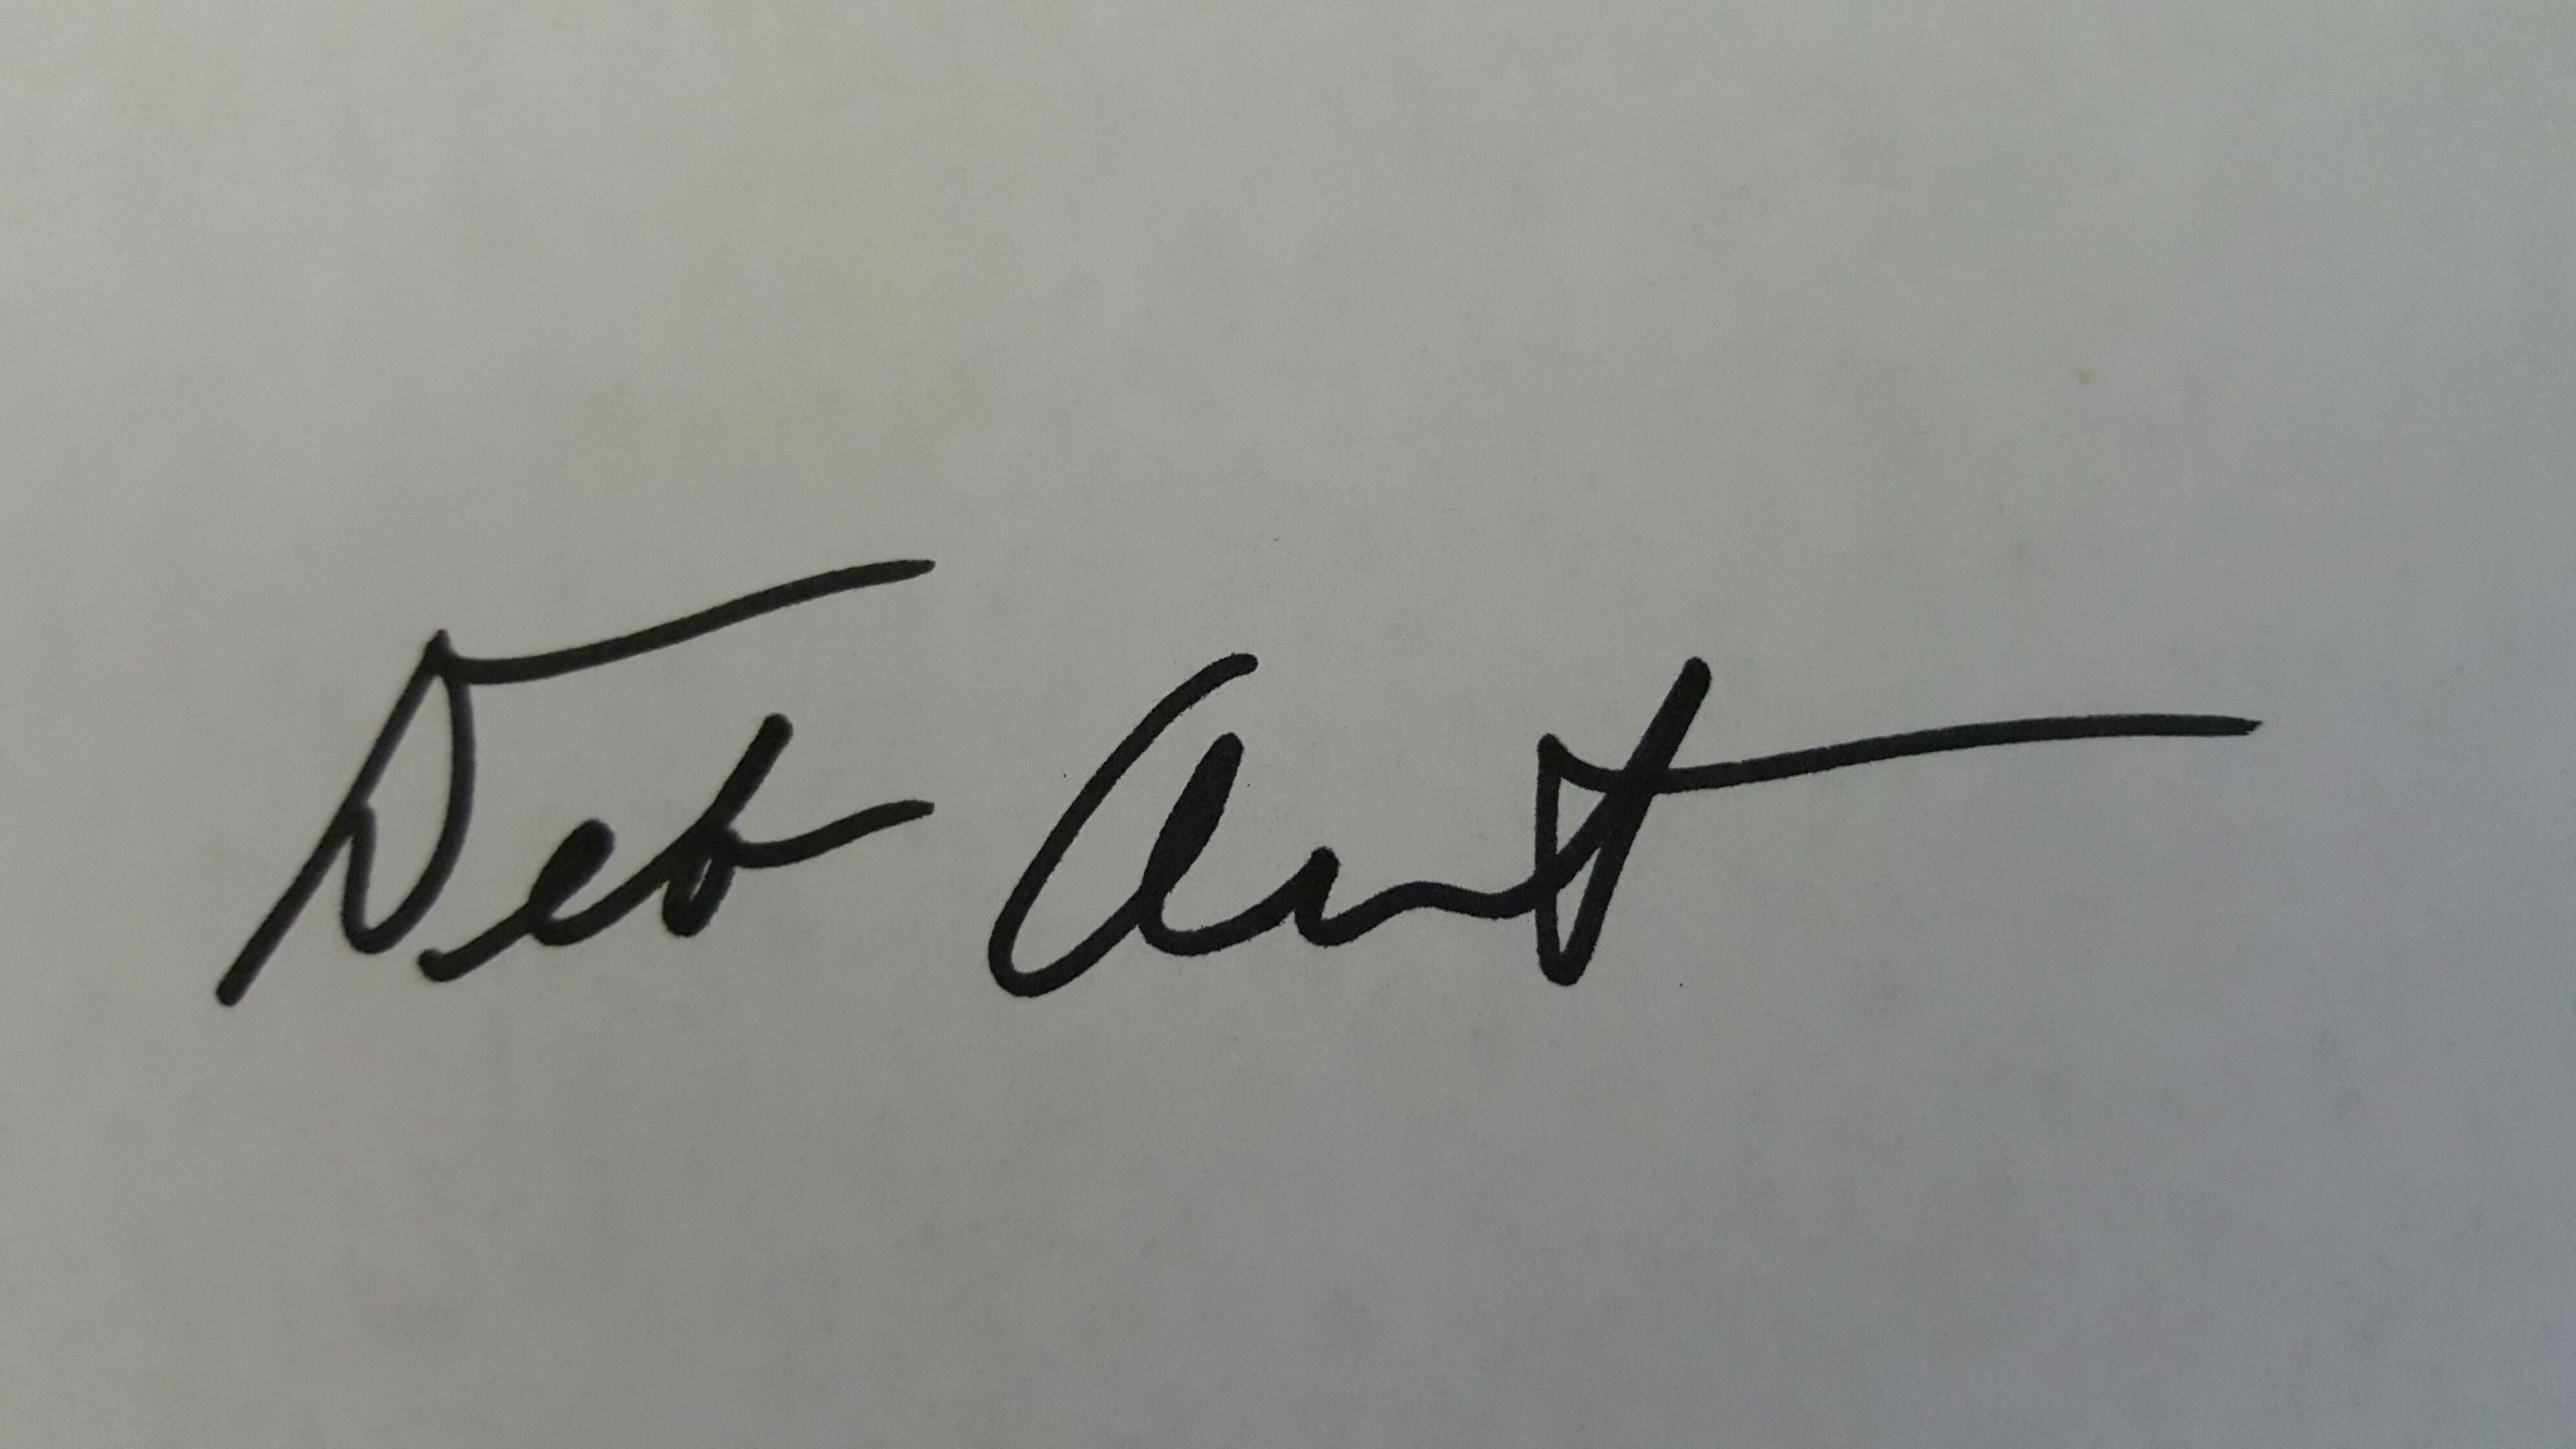 Deborah Arndt's Signature